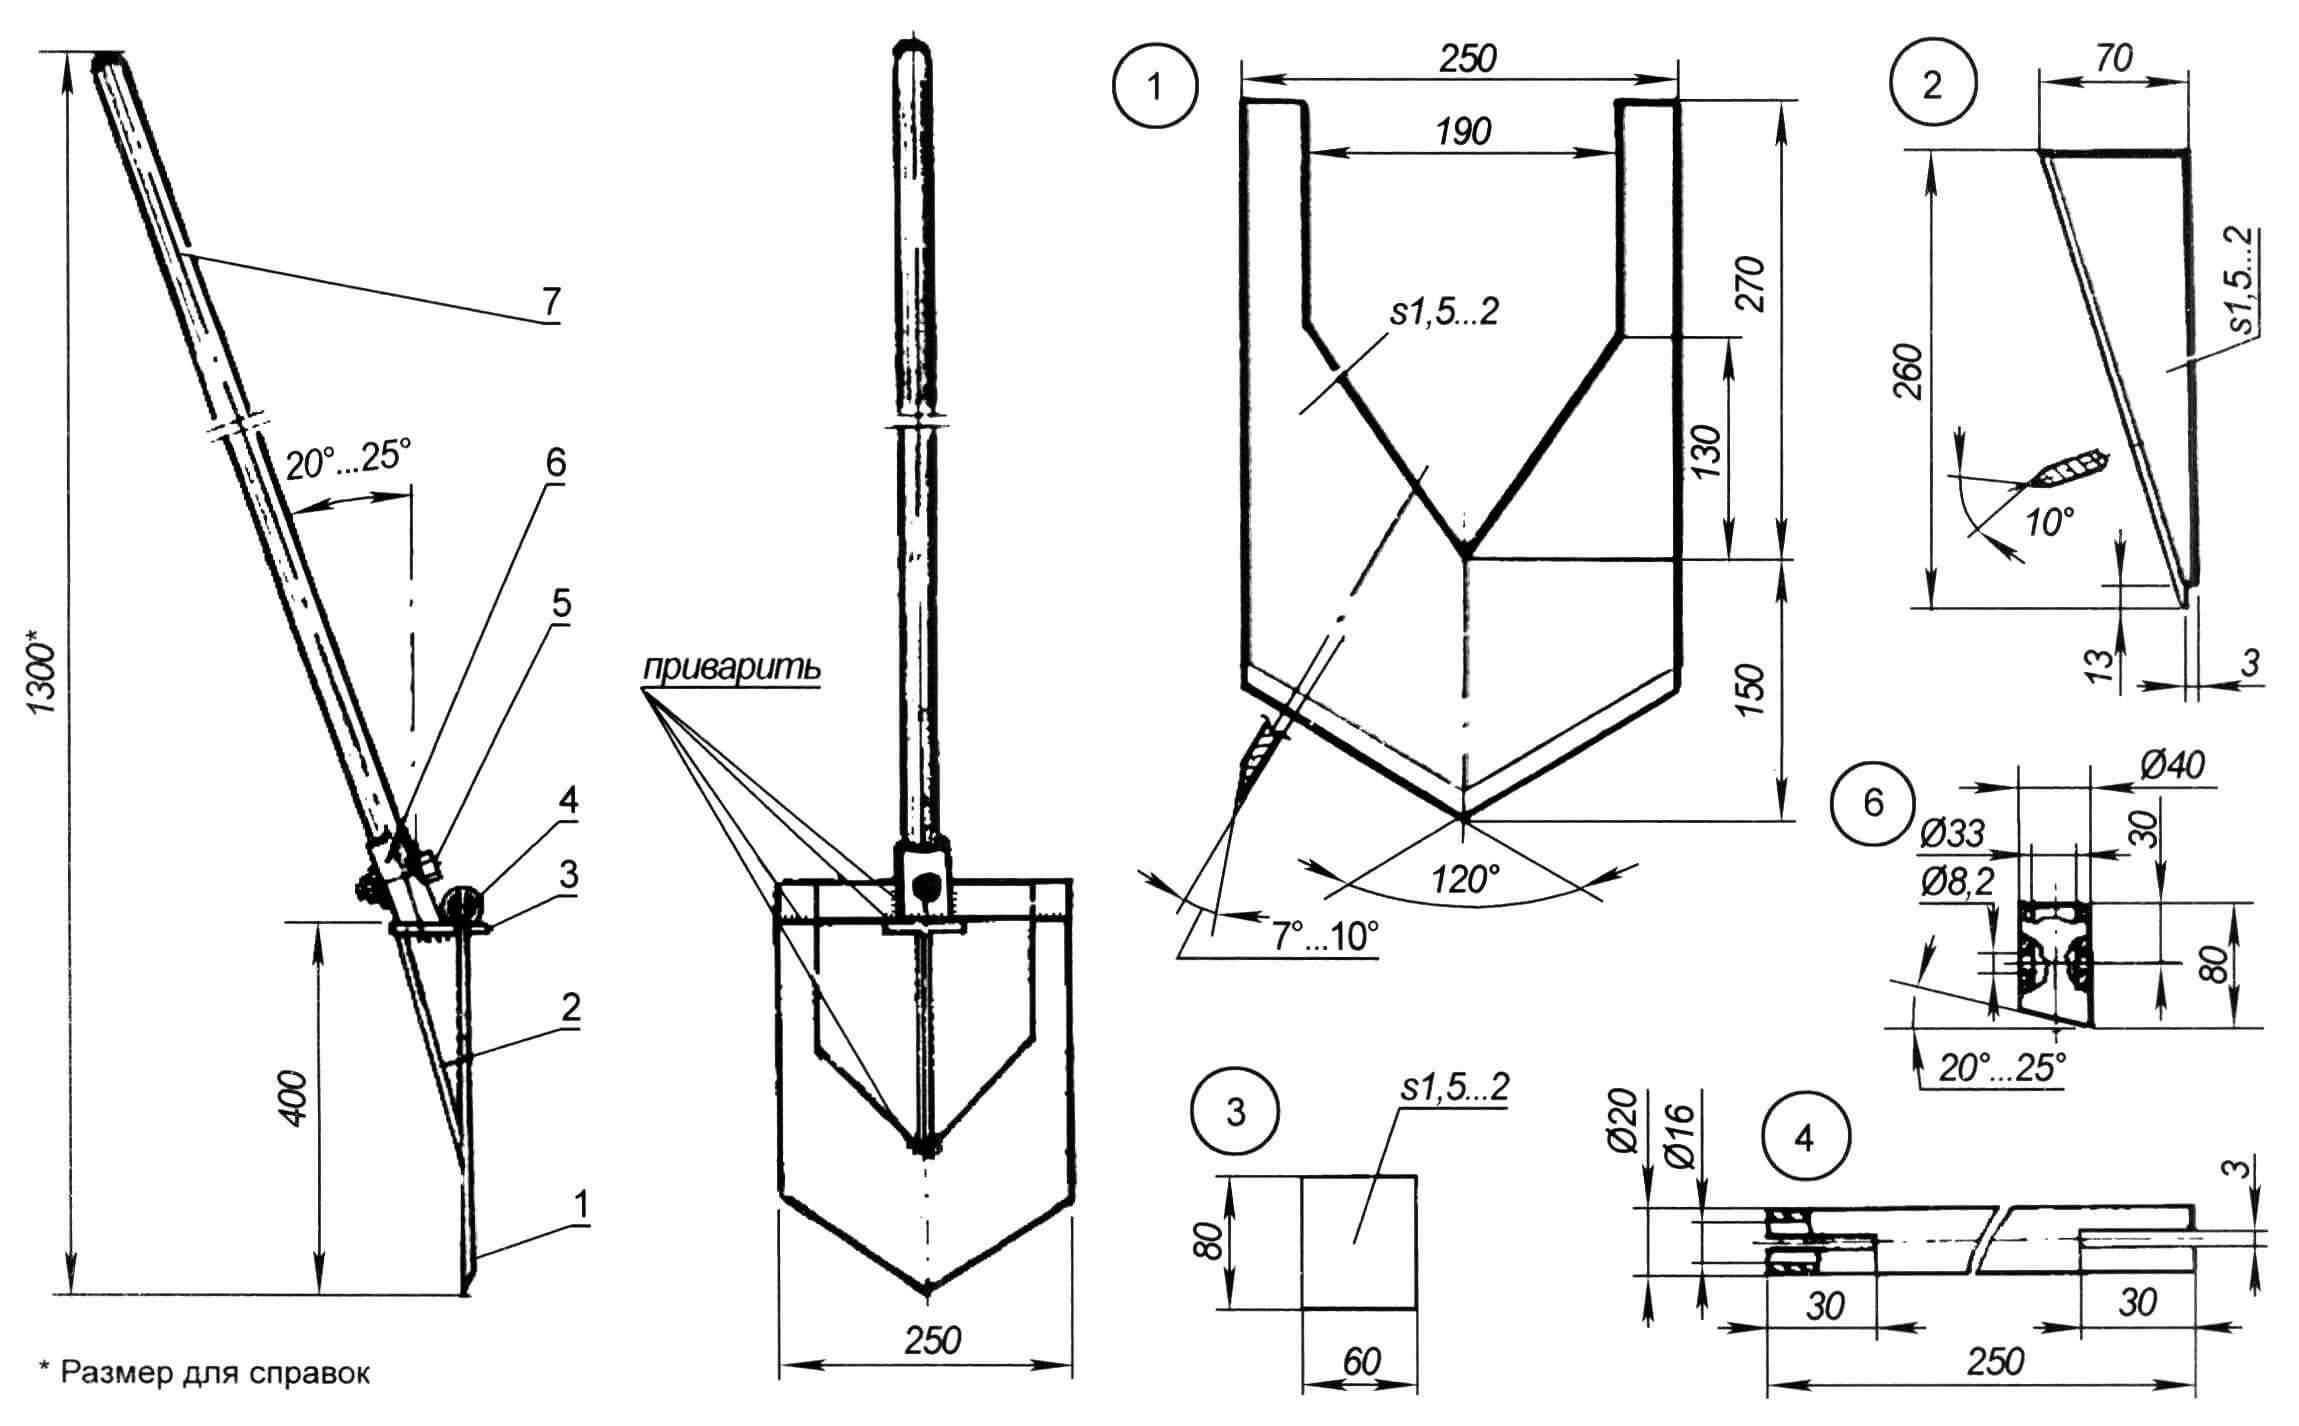 «Легкая» лопата: 1 - штык рамочный; 2 - лезвие-комкоразбиватель; 3 - упор; 4 - заступ; 5 - болт М8 (с гайкой и шайбами); 6 - втулка; 7 - черенок